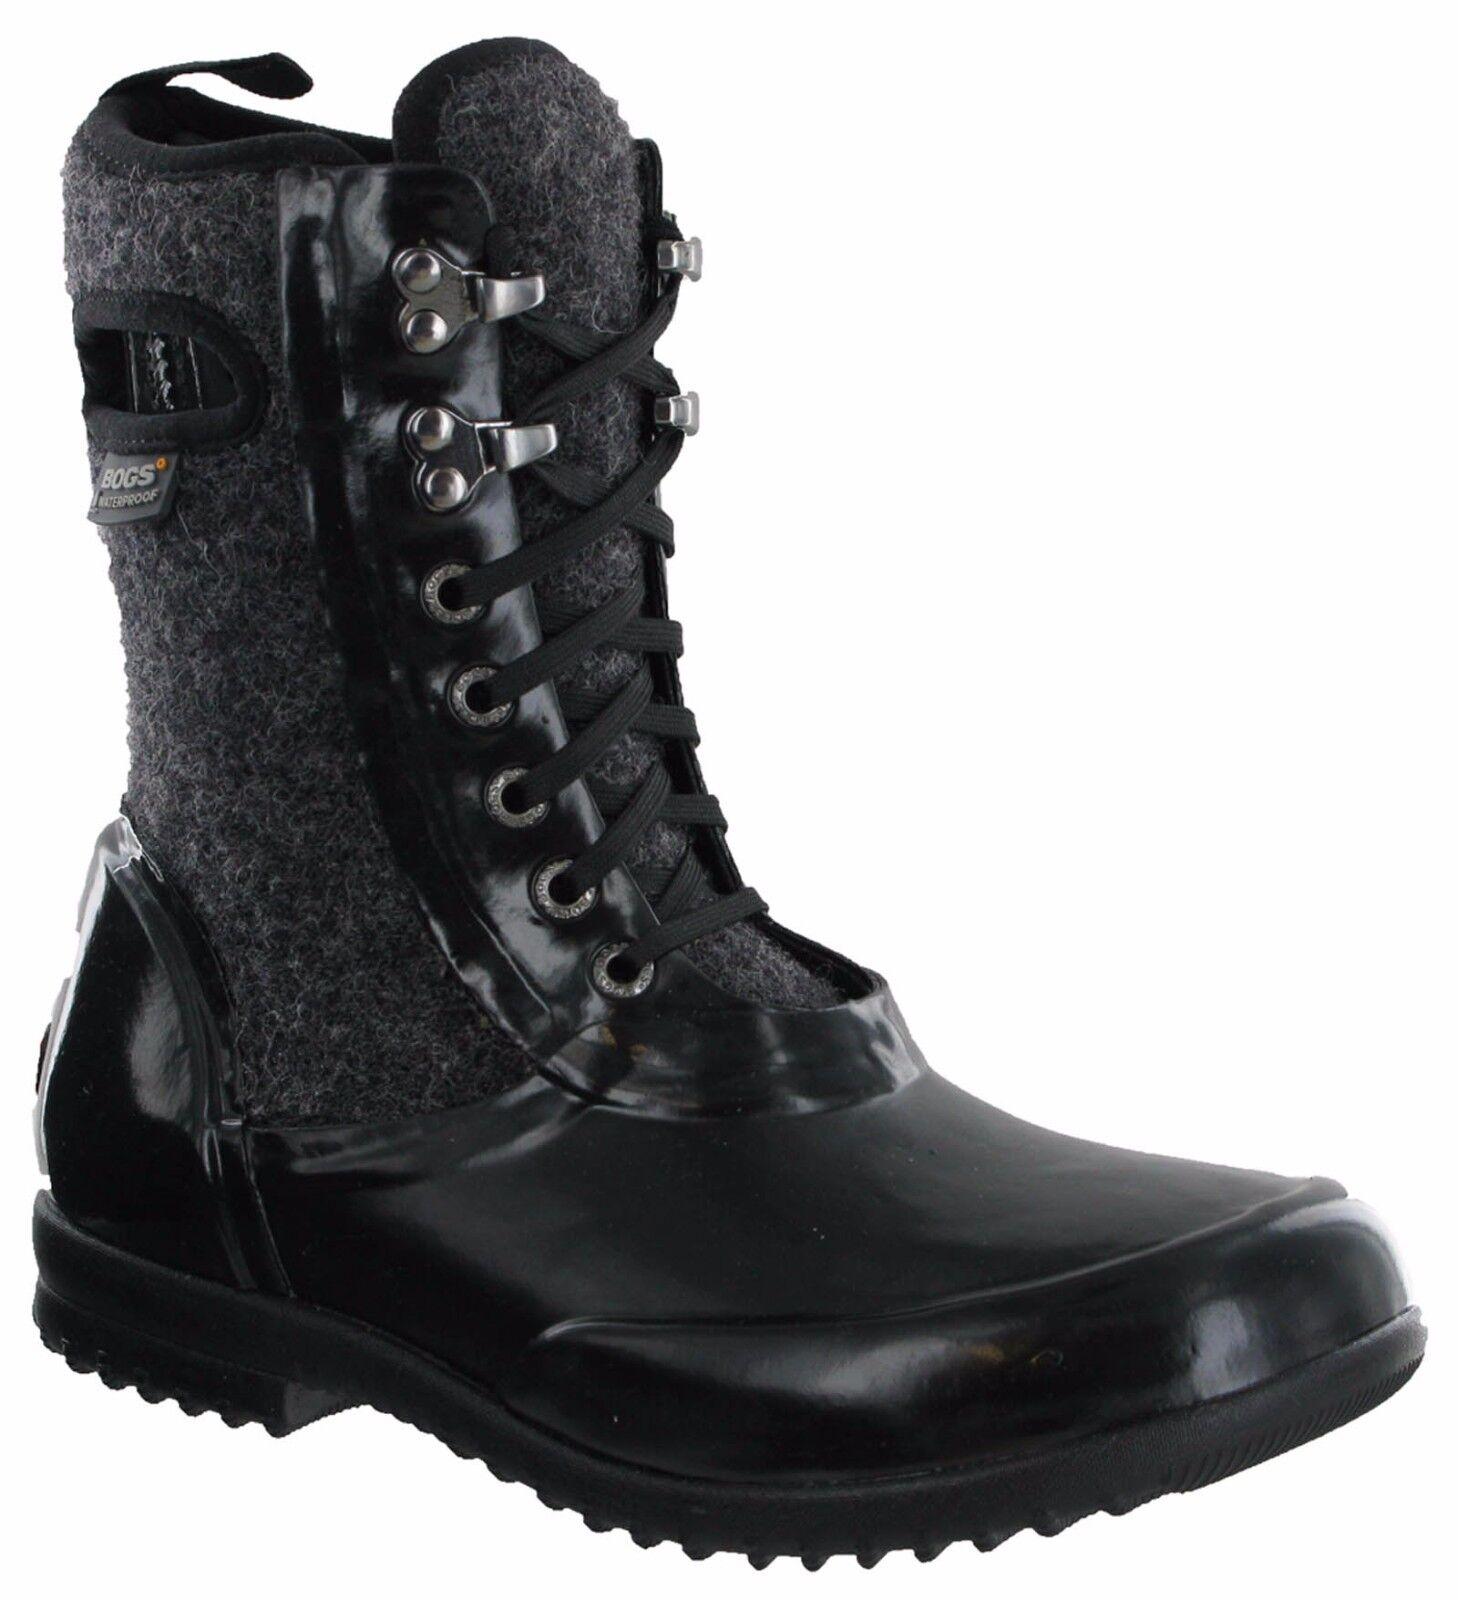 Bogs Sidney Wool Waterproof Neoprene  -15 Lace UK4-8 Up Womens Walking Boots UK4-8 Lace 724ff4